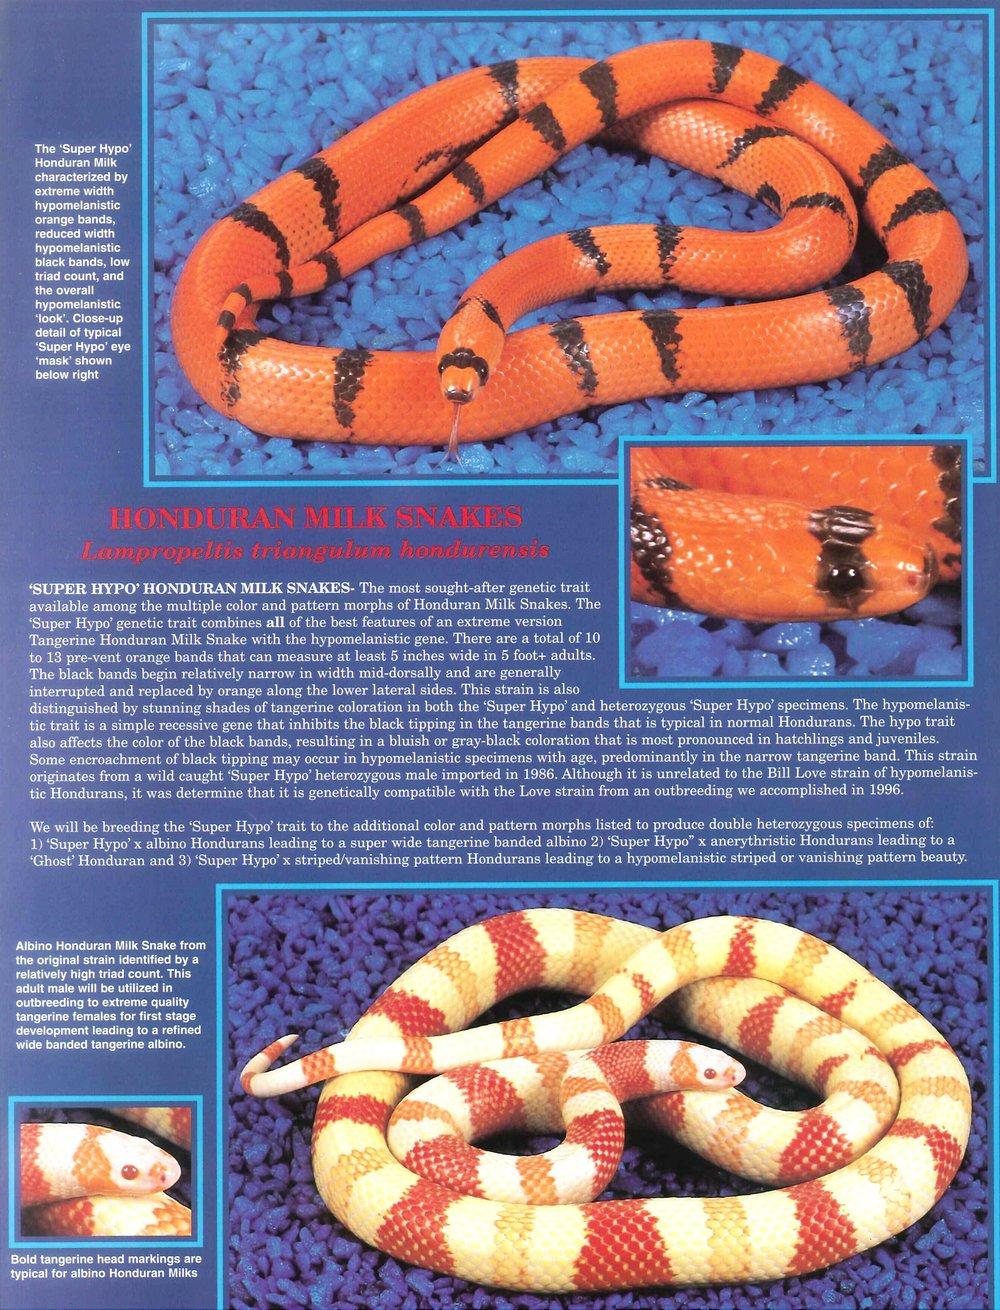 Professional Breeders Brochure_12.jpg